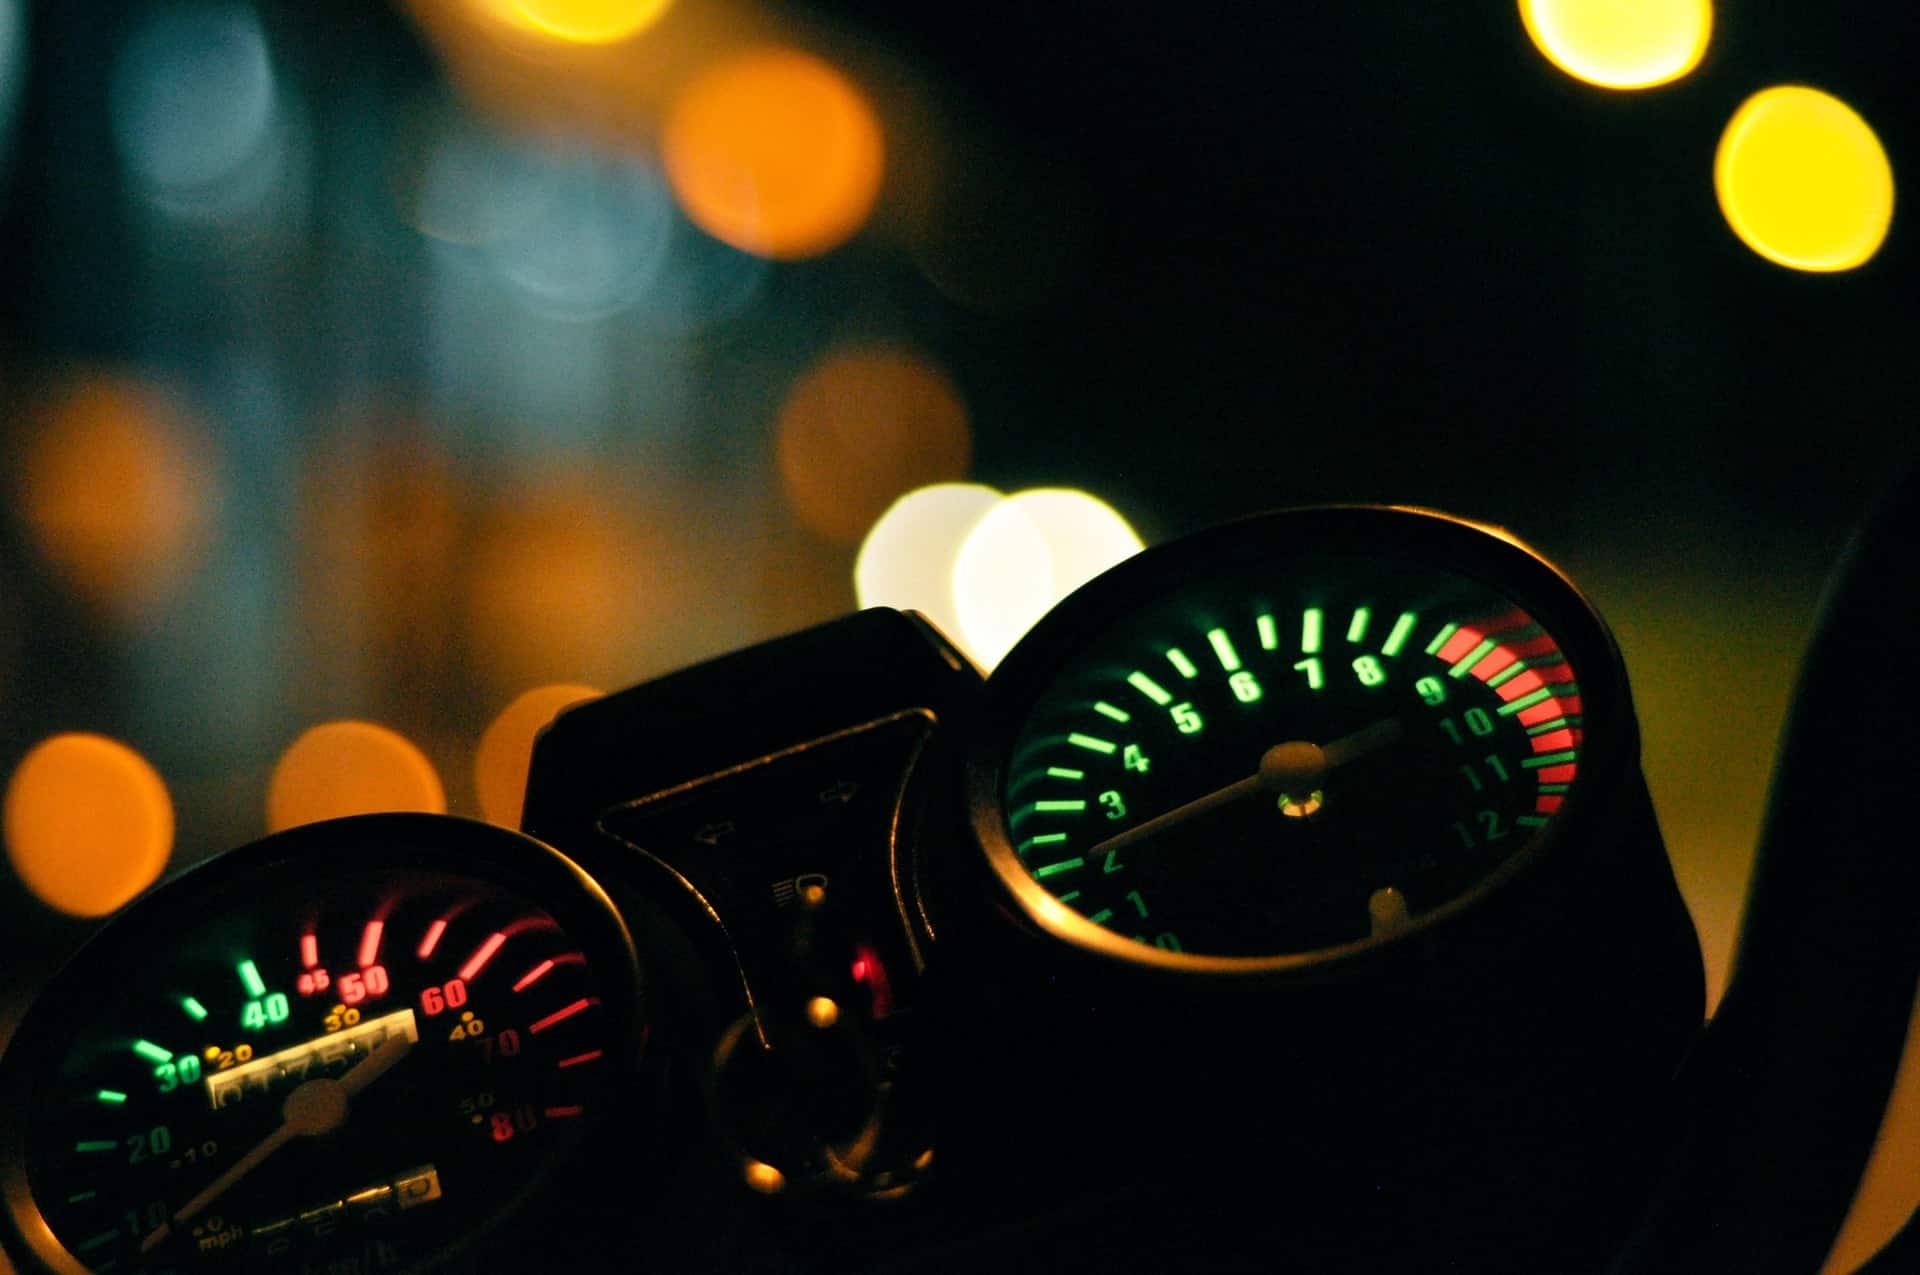 bokeh dark motorcycle gauge